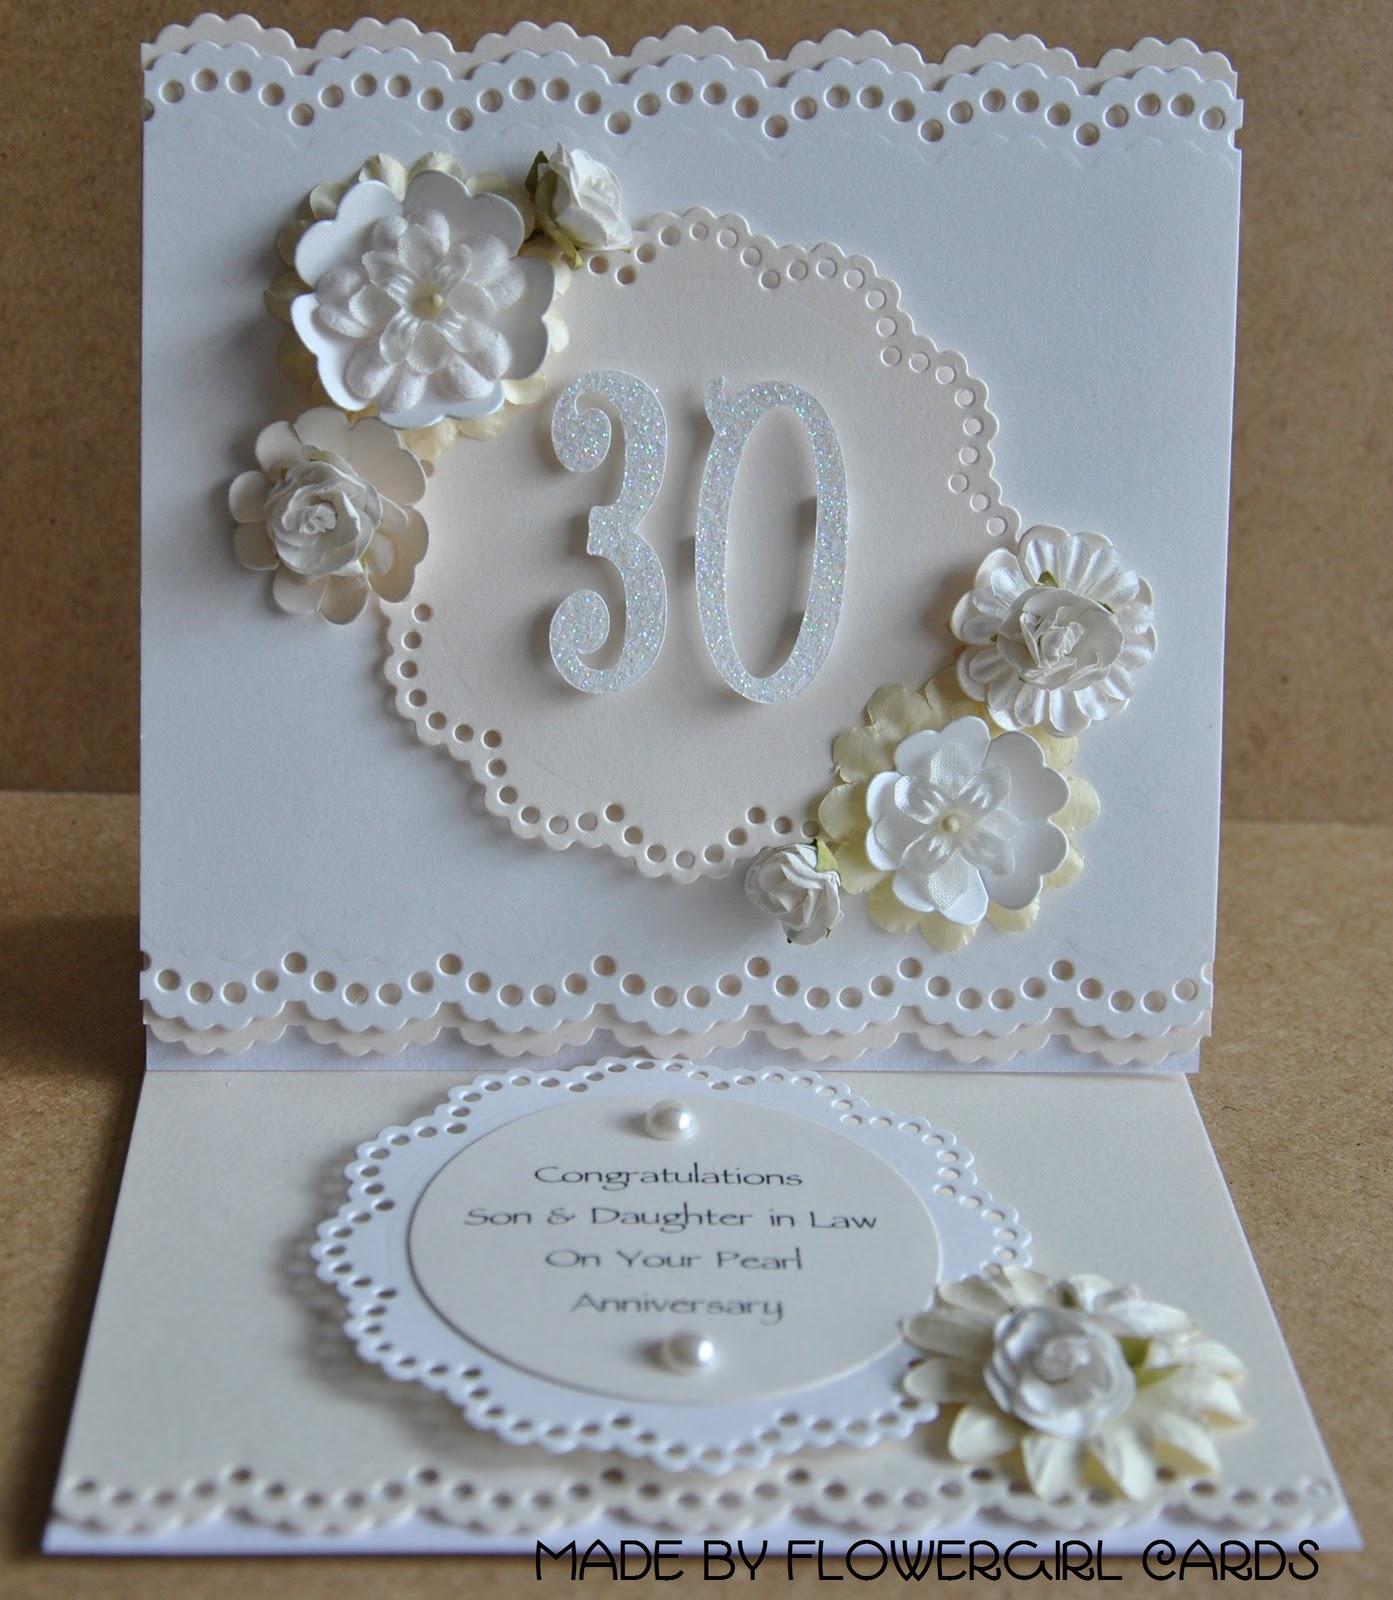 Февраля для, открытки с 30-ти летием жемчужной свадьбы